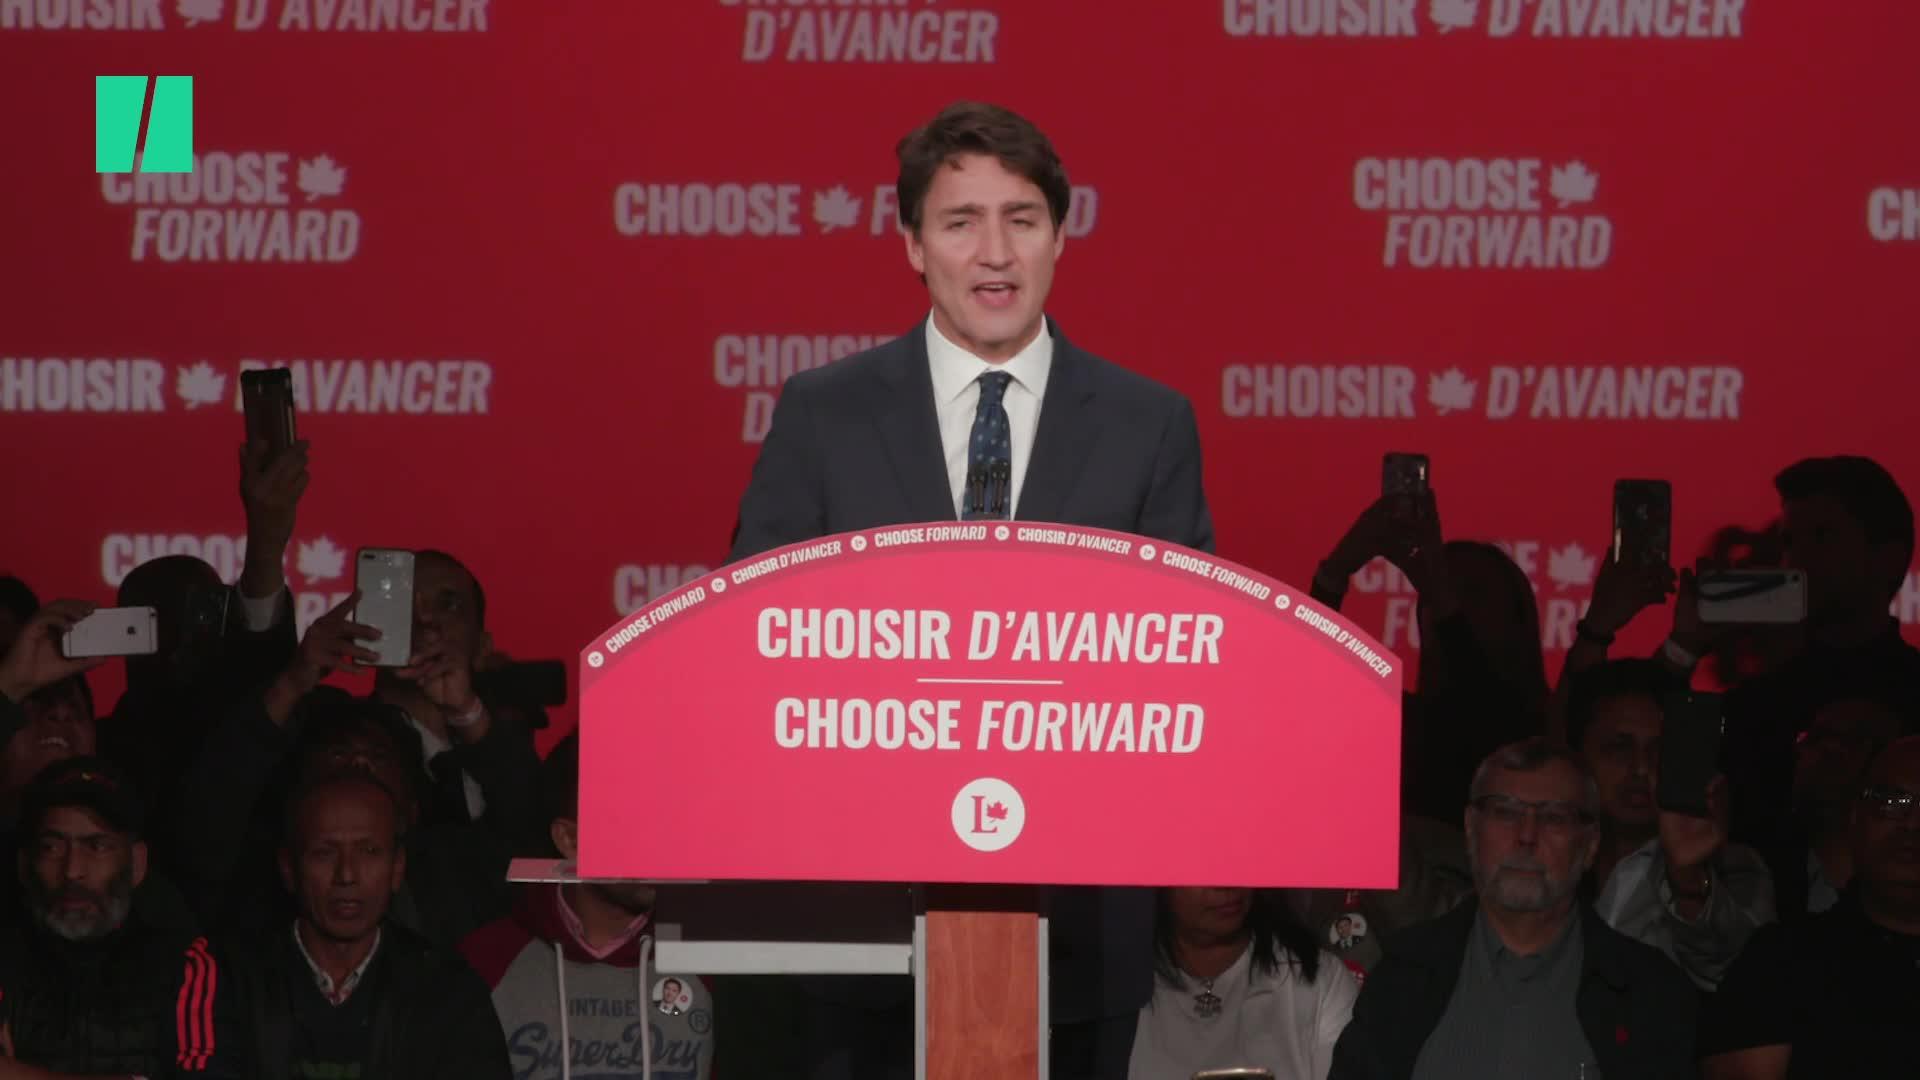 Laïcité de l'État: Legault exhorte Trudeau à respecter la loi 21